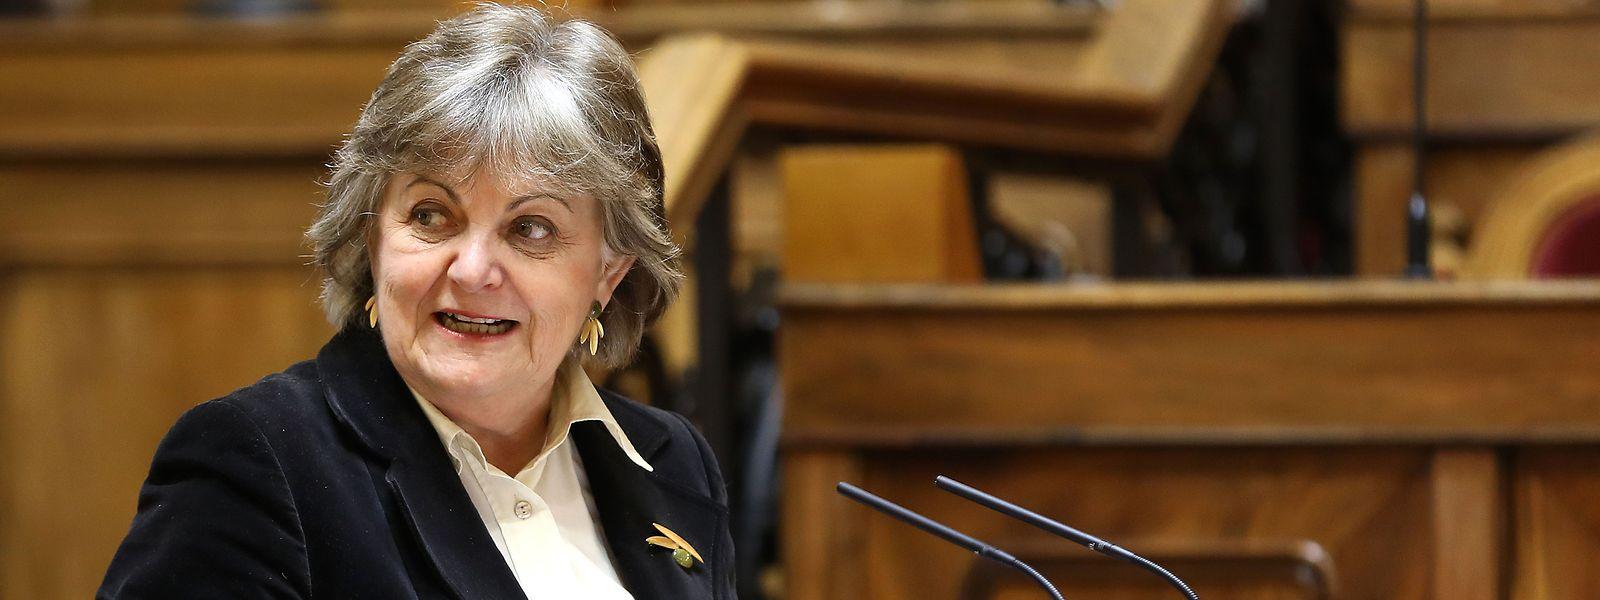 Elisa Ferreira é a comissária europeia para a Coesão e Reformas